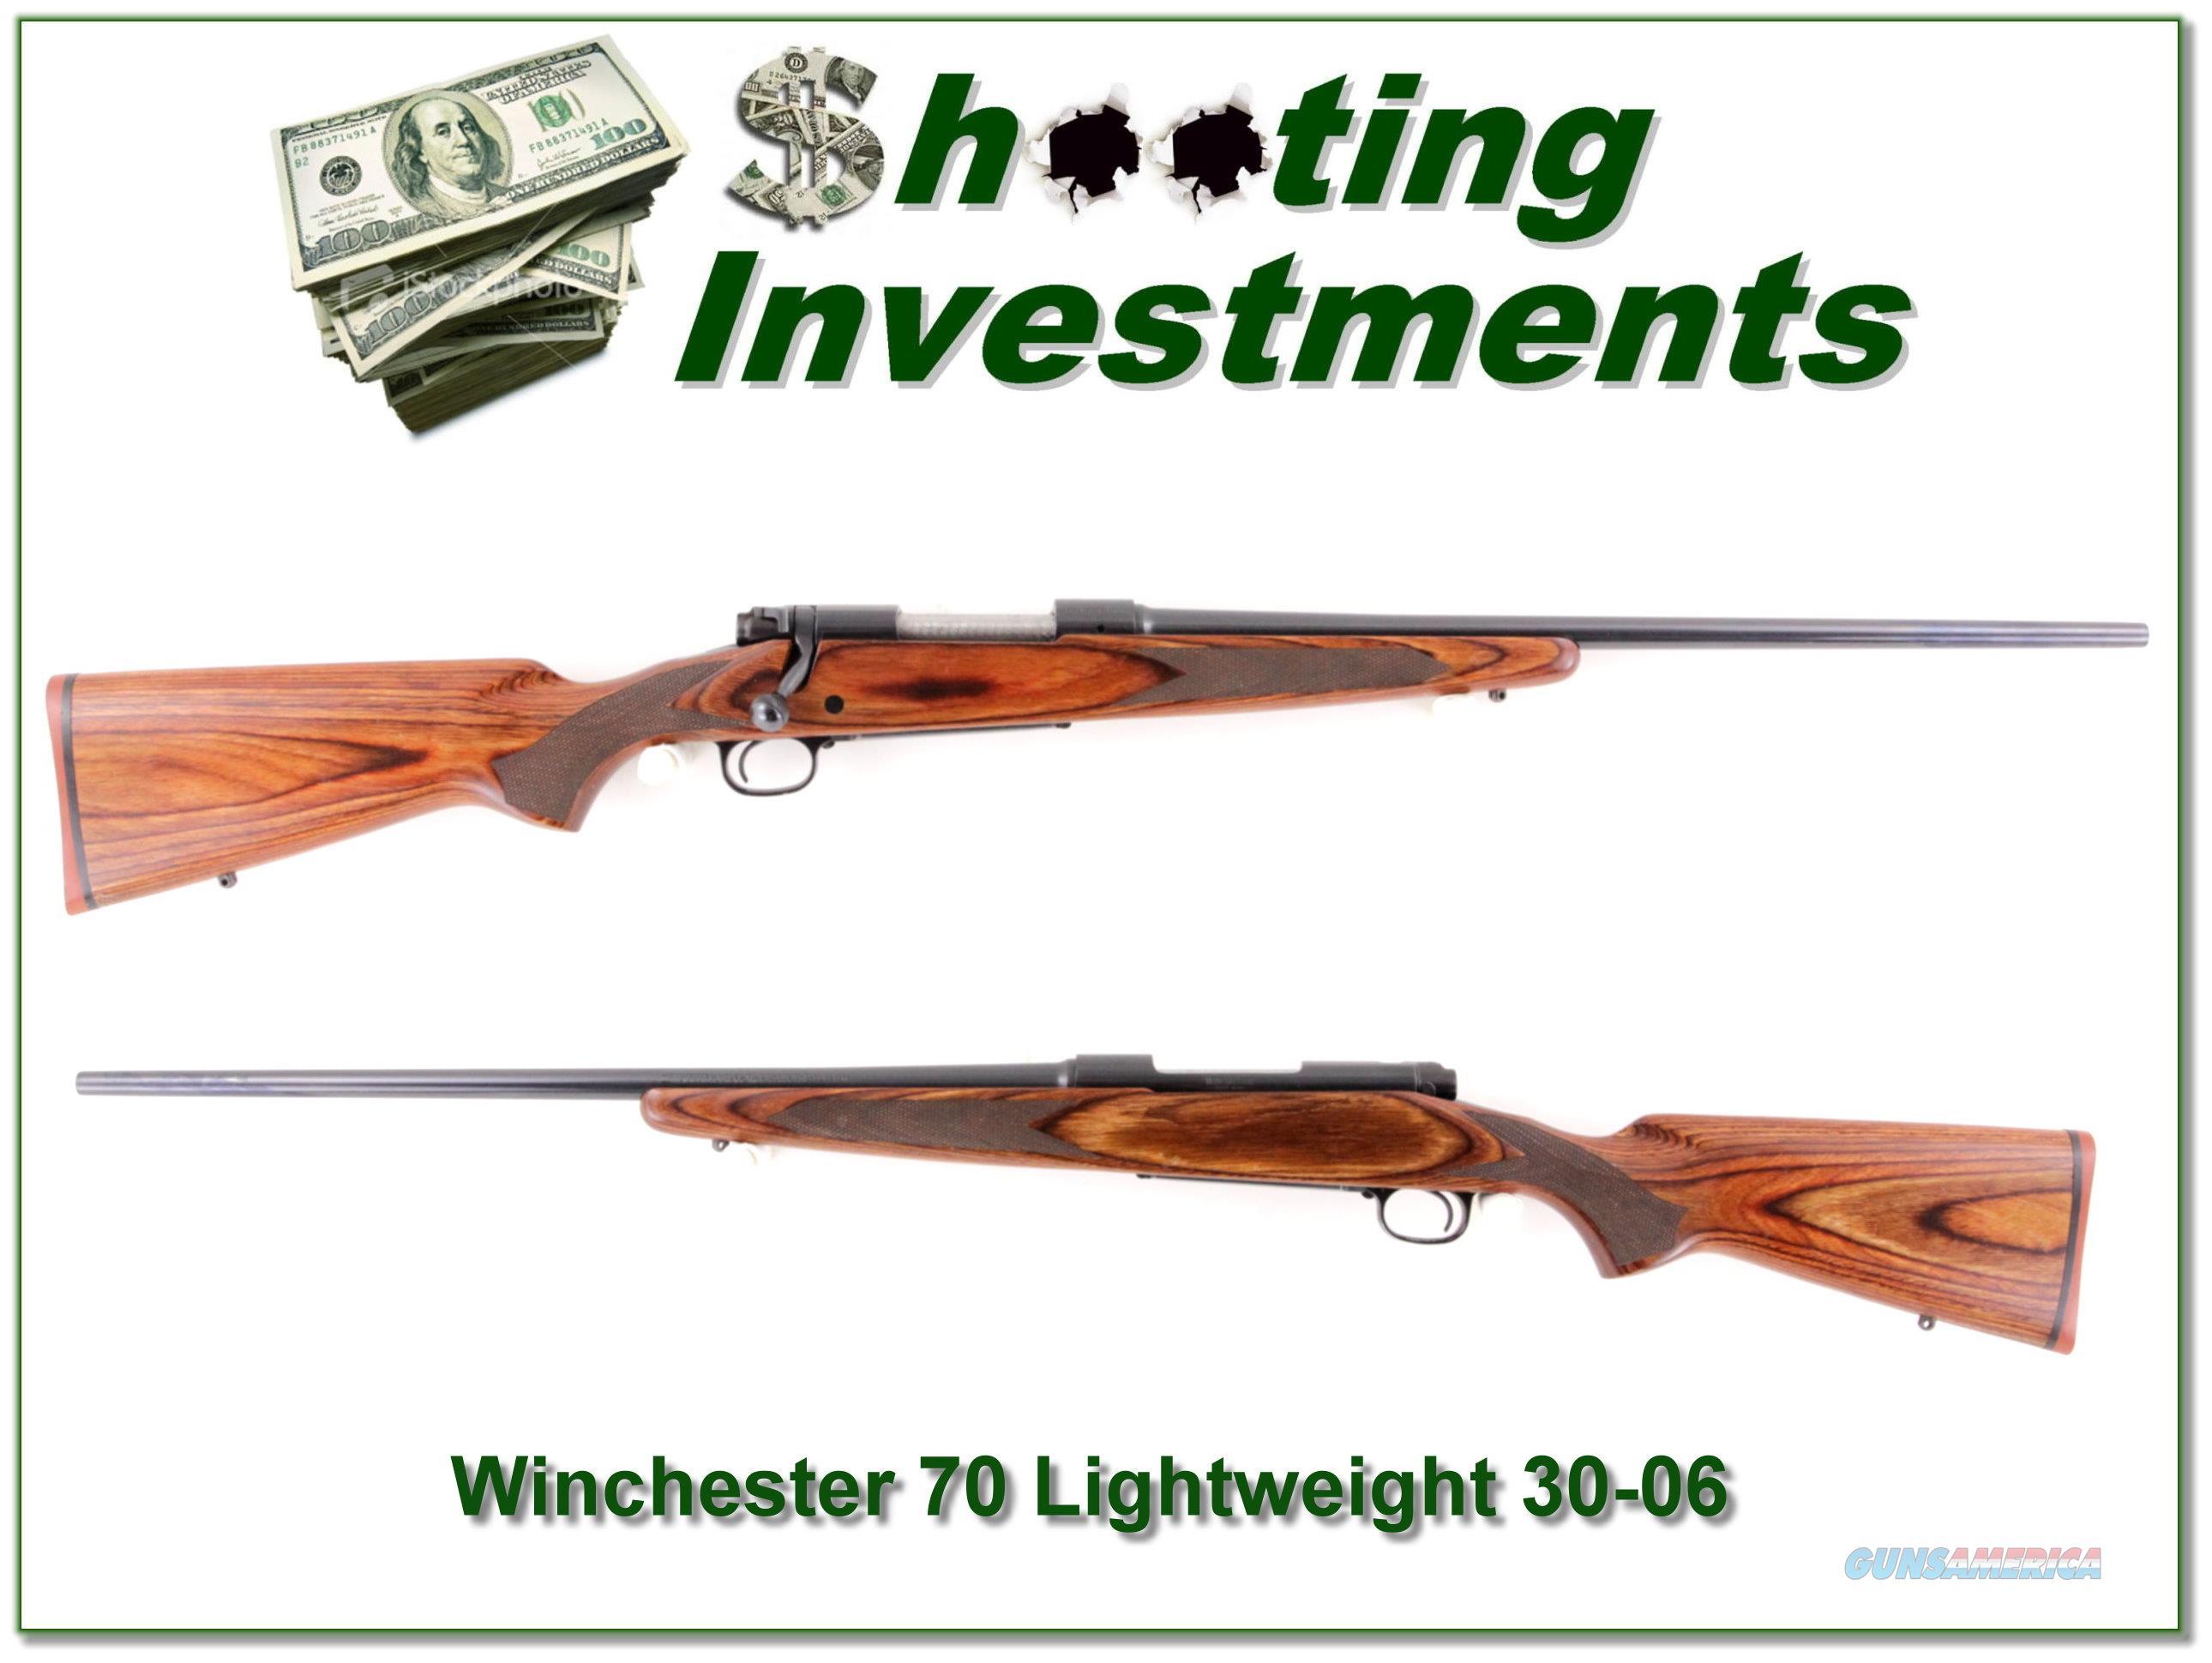 Winchester Model 70 Laminate Lightweight 30-06  Guns > Rifles > Winchester Rifles - Modern Bolt/Auto/Single > Model 70 > Post-64